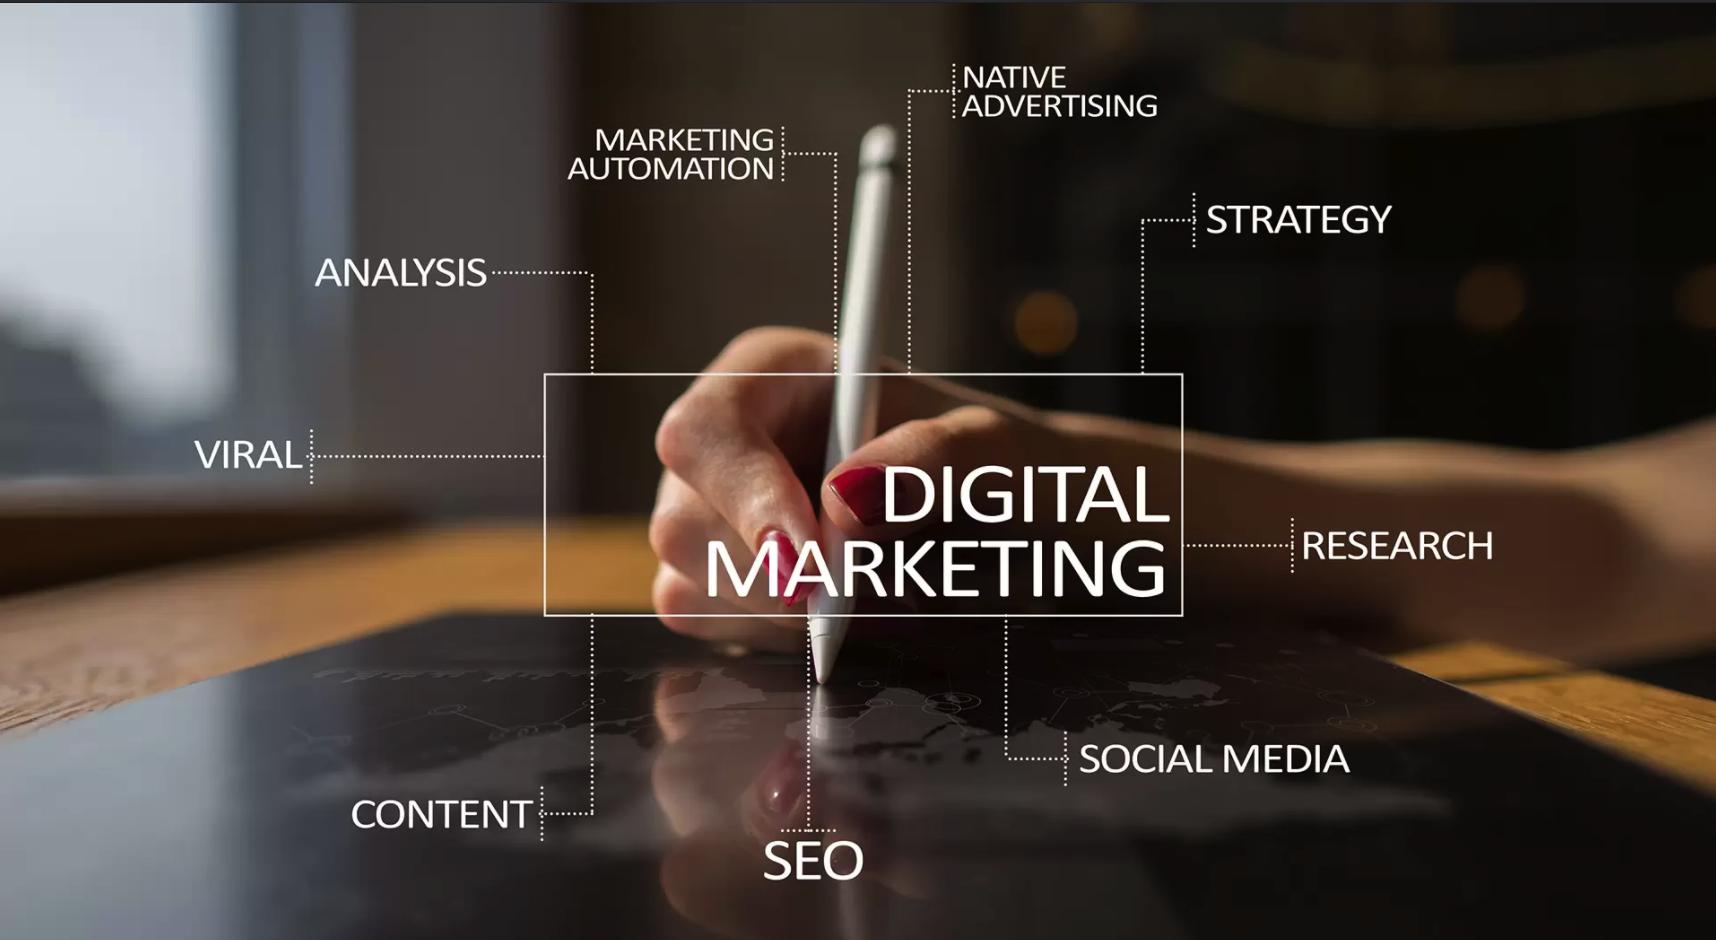 Che cos'è il Digital Marketing